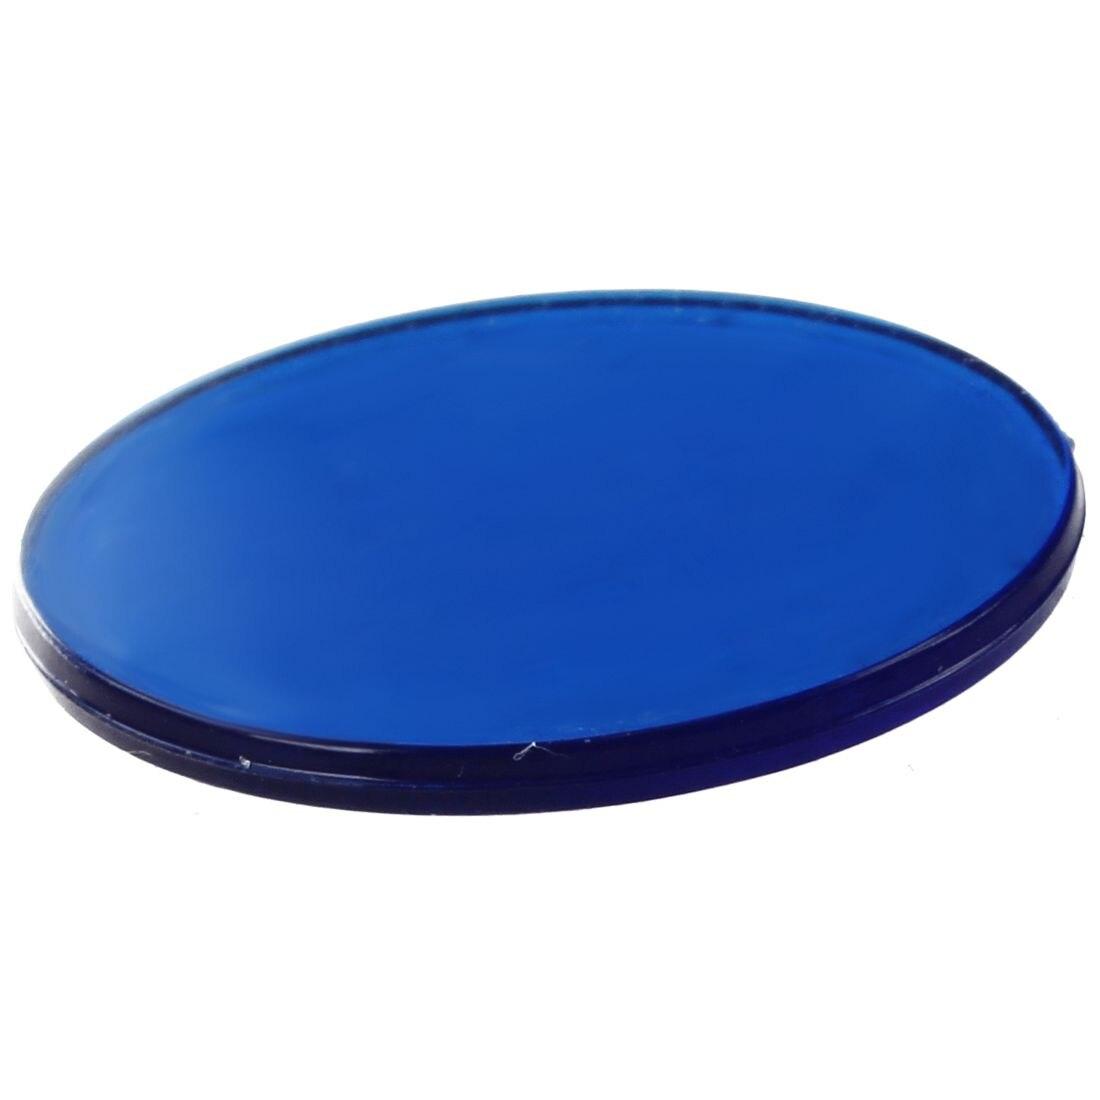 Approx.100pcs 3/4 дюйма Пластик Бинго, полупрозрачные Дизайн, для аудитории и карнавал Бинго игры синий